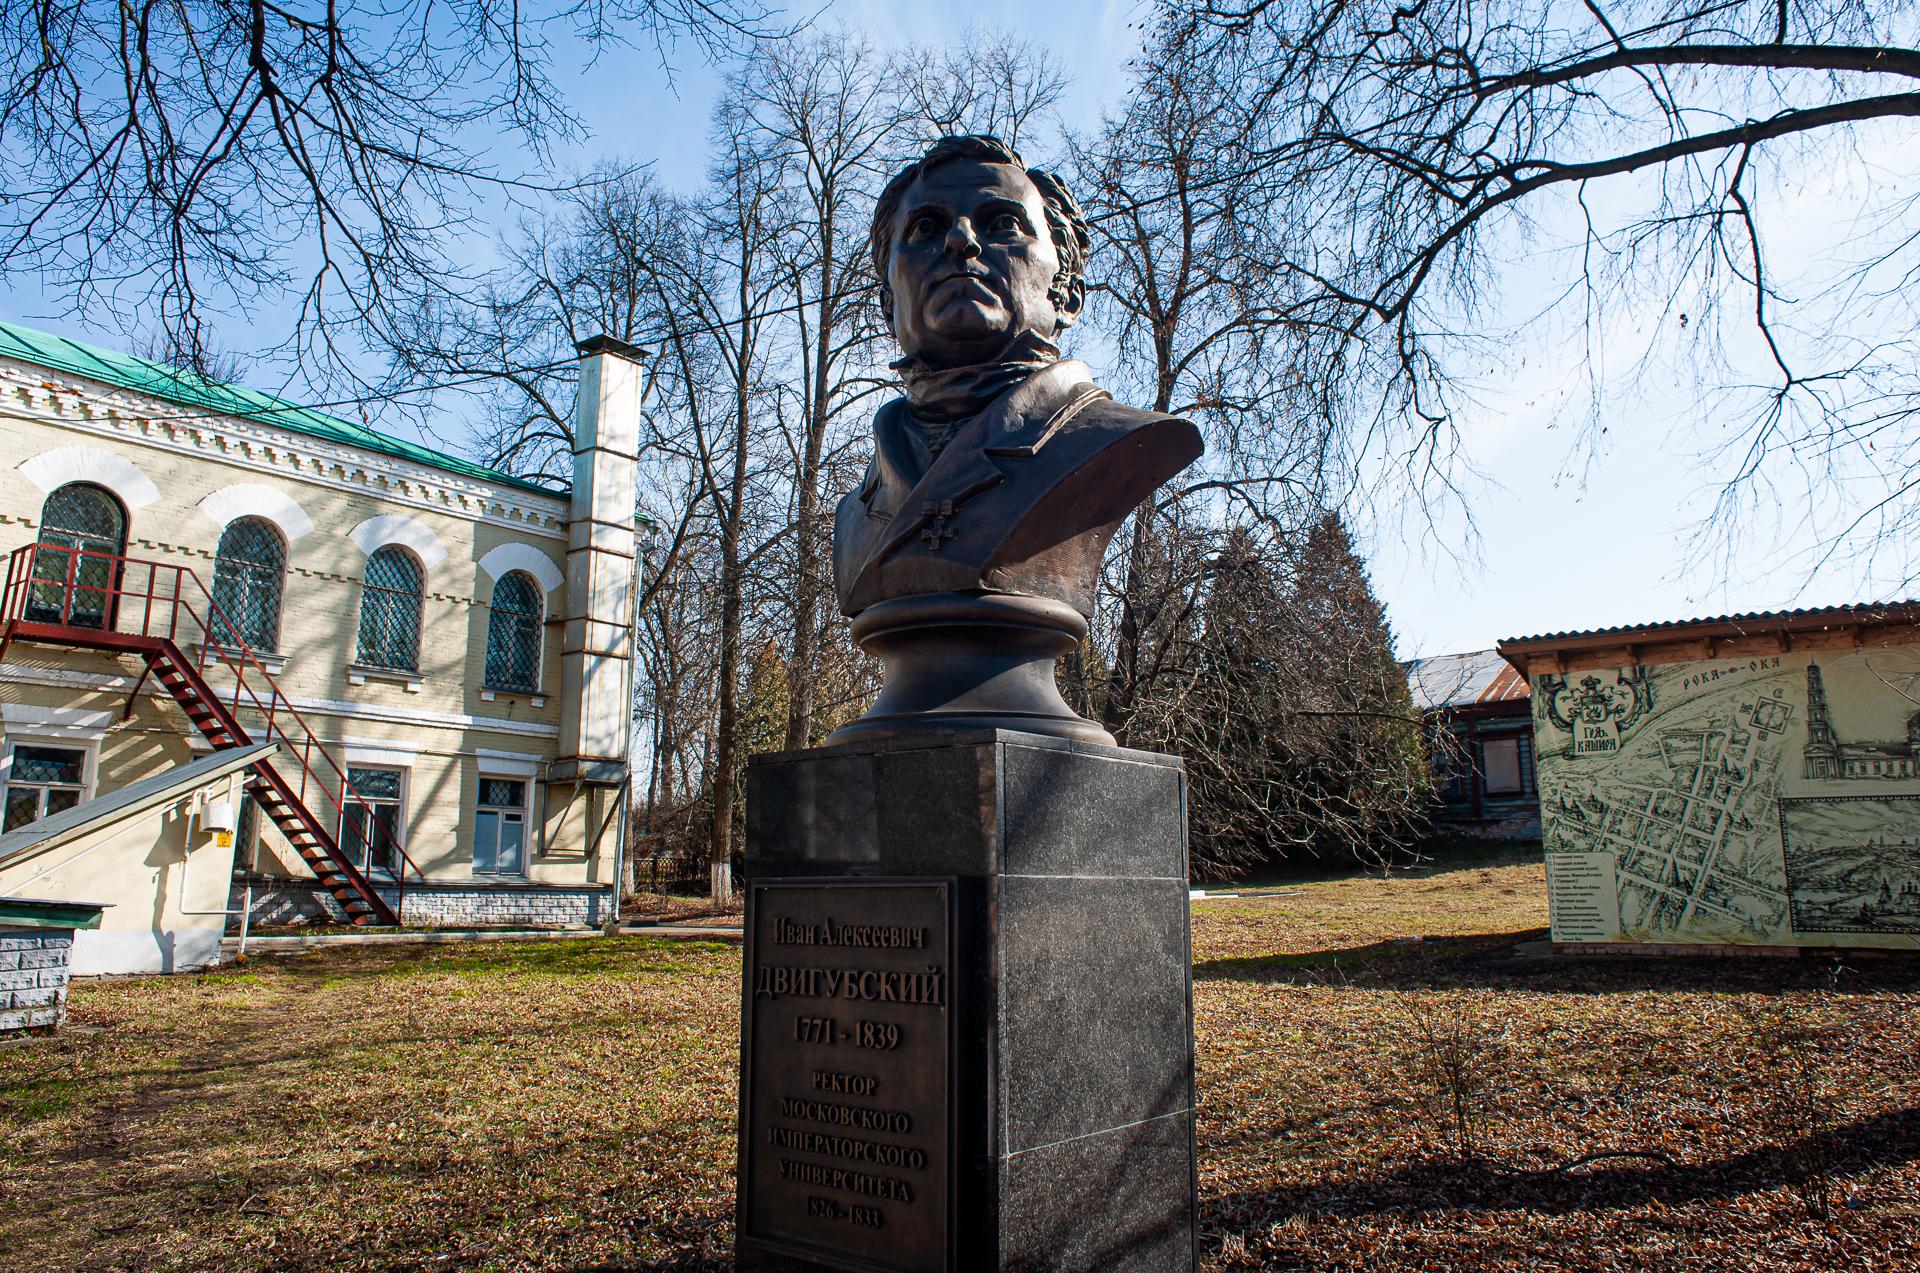 Кашира, Краеведческий музей, Памятник Ивану Алексеевичу Двигубскому